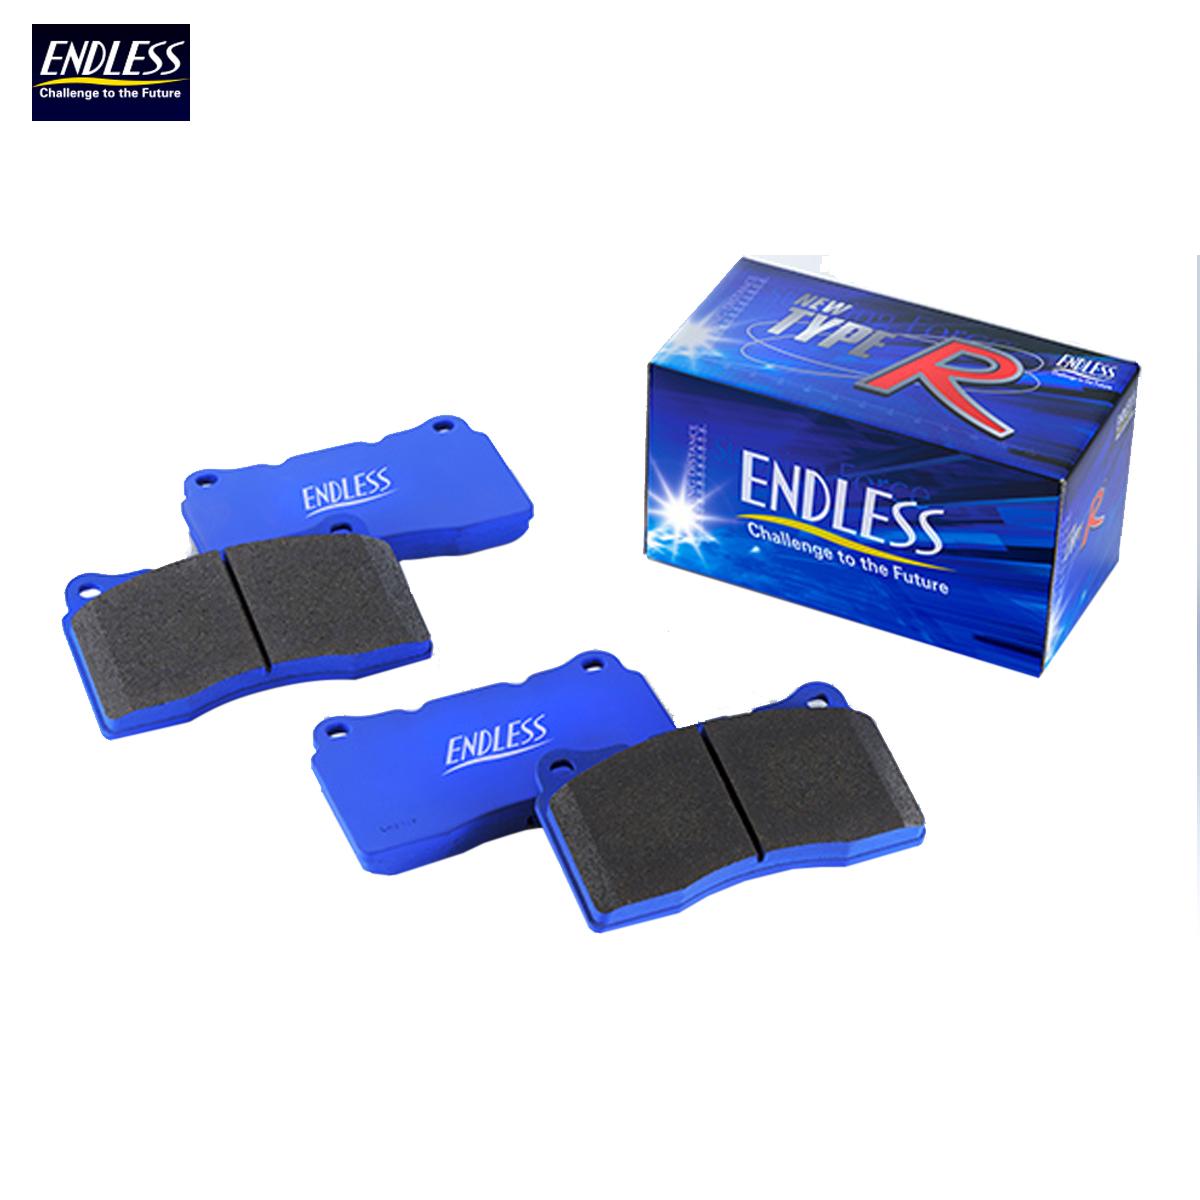 ENDLESS エンドレス ブレーキパッド タイプRセット フロント EP380 リア EP354 アルテッツァ ジータ GXE10W